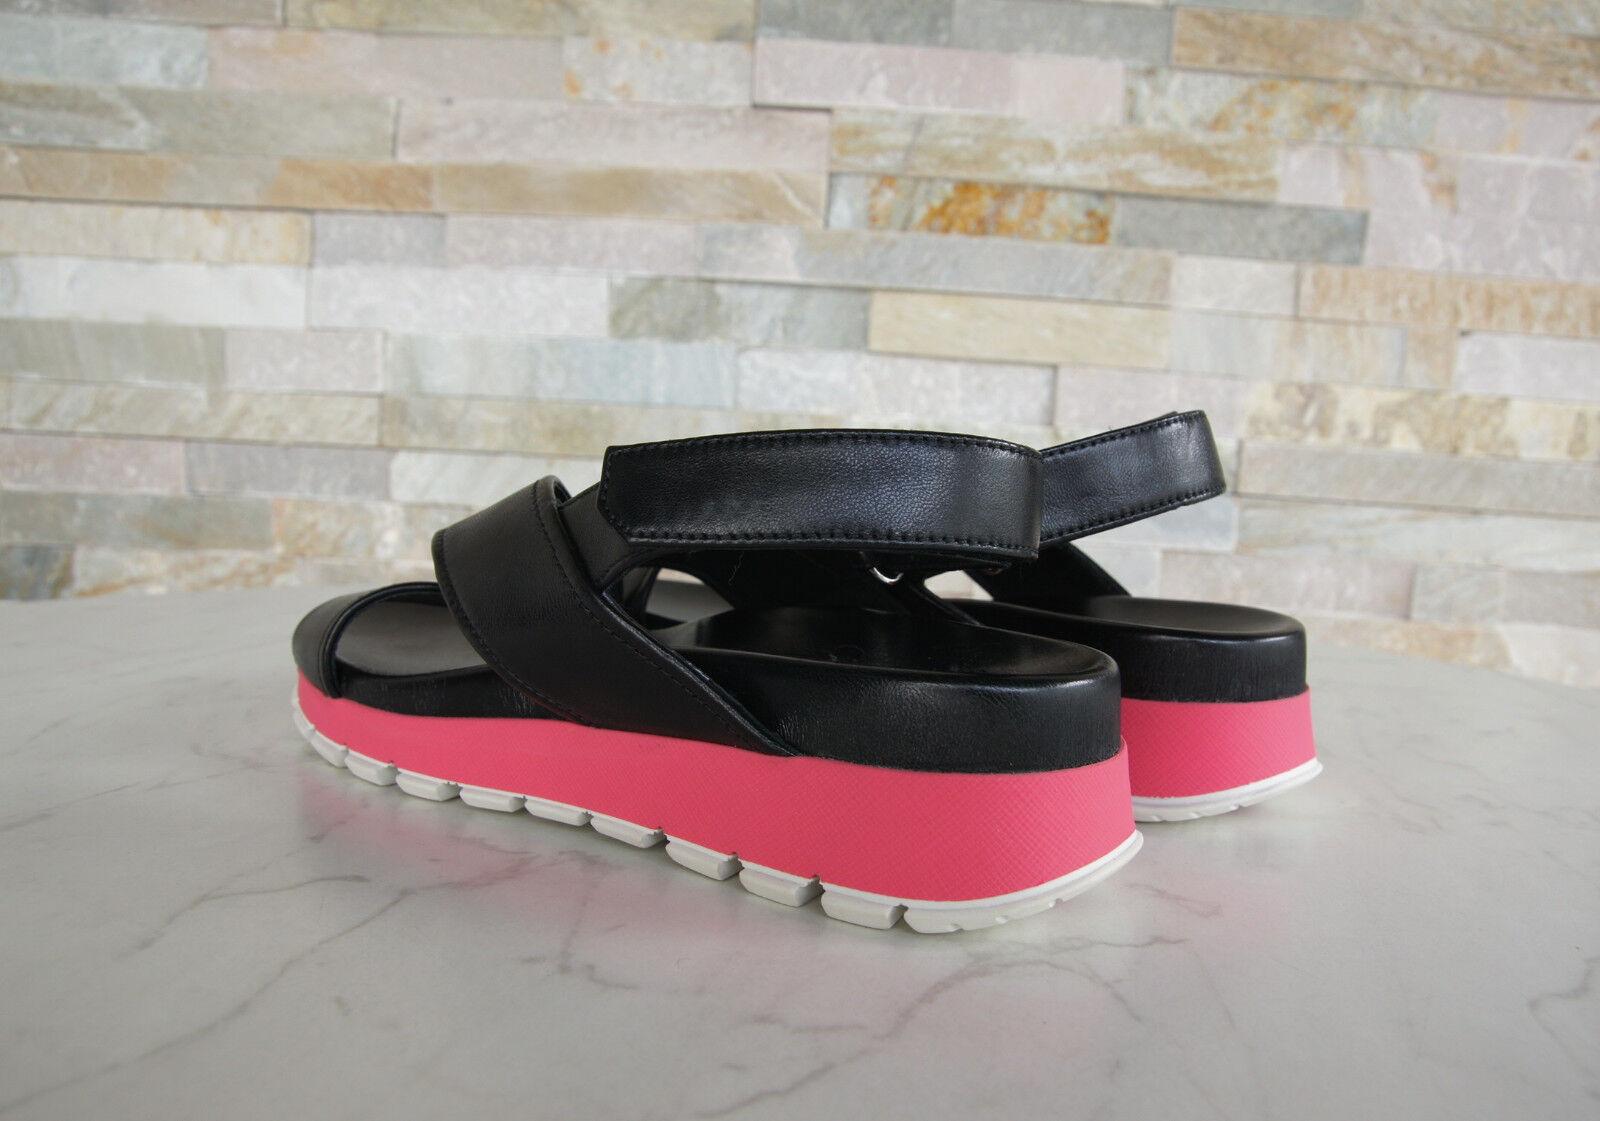 PRADA Gr 39,5 Sandalen Sandals 3X6022 Schuhe Klett Klett Klett schwarz pink NEU e8a518